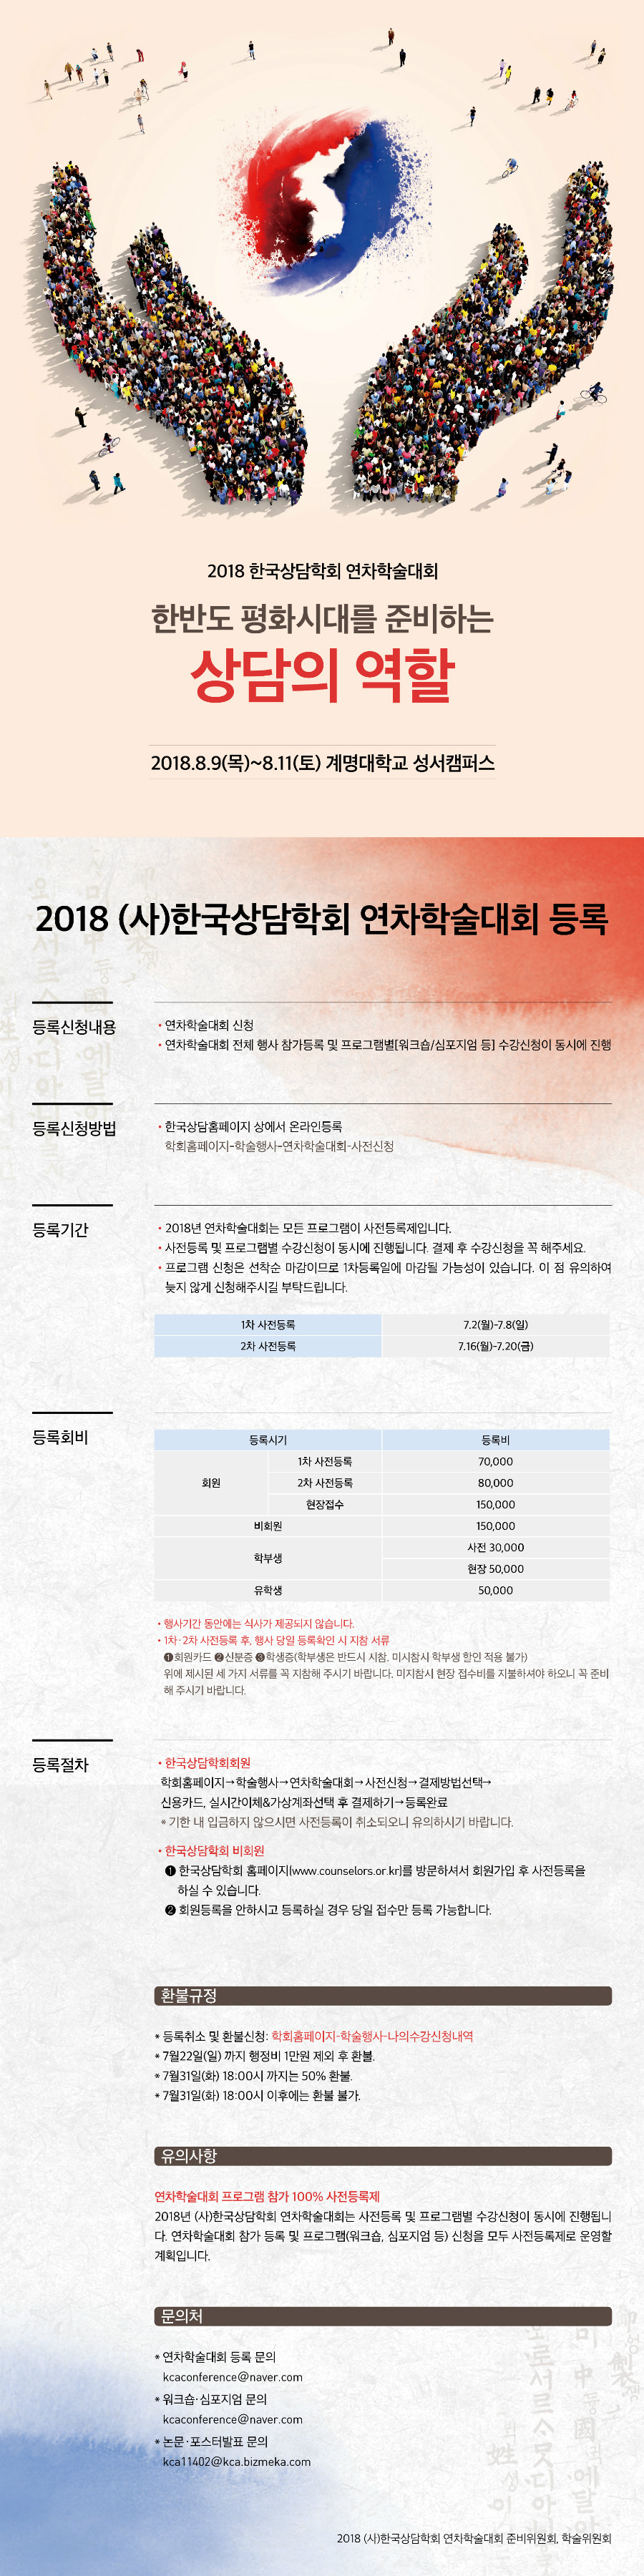 2018한국상담학회연차학술대회_홍보물 01안내.jpg